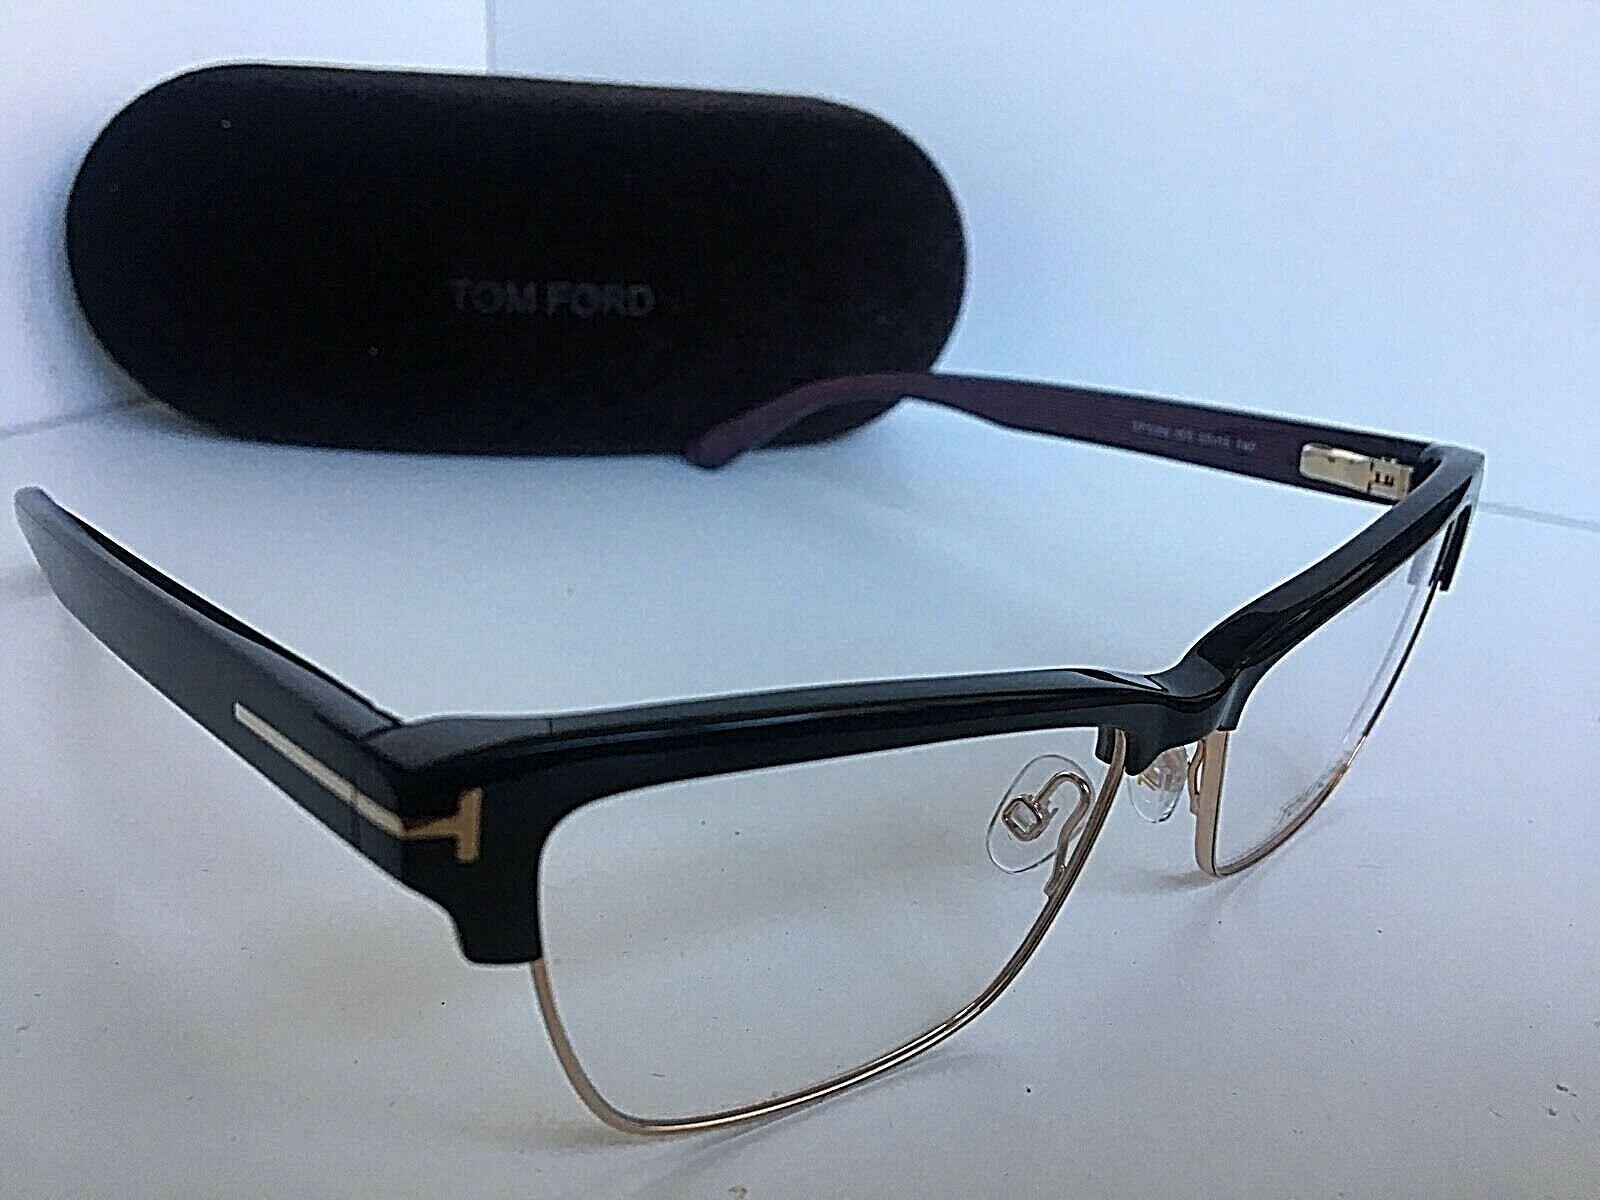 New Tom Ford TF 5364 005 Black Purple 53mm Women's Eyeglasses Frame